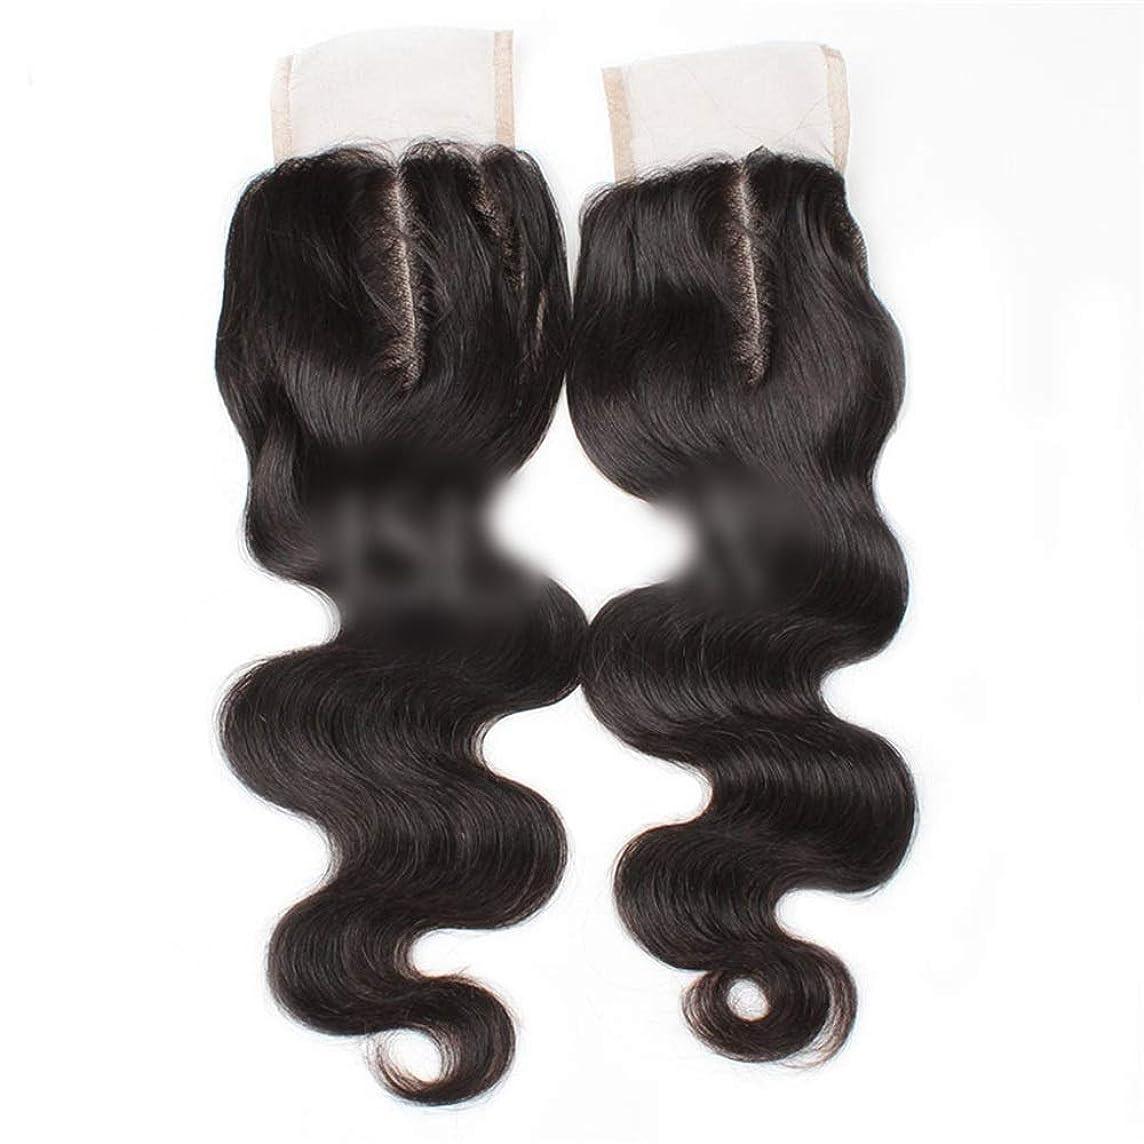 観客平行インタネットを見るYESONEEP 9aブラジル髪実体波中間部4×4レース閉鎖人間の髪の毛ナチュラルブラック8